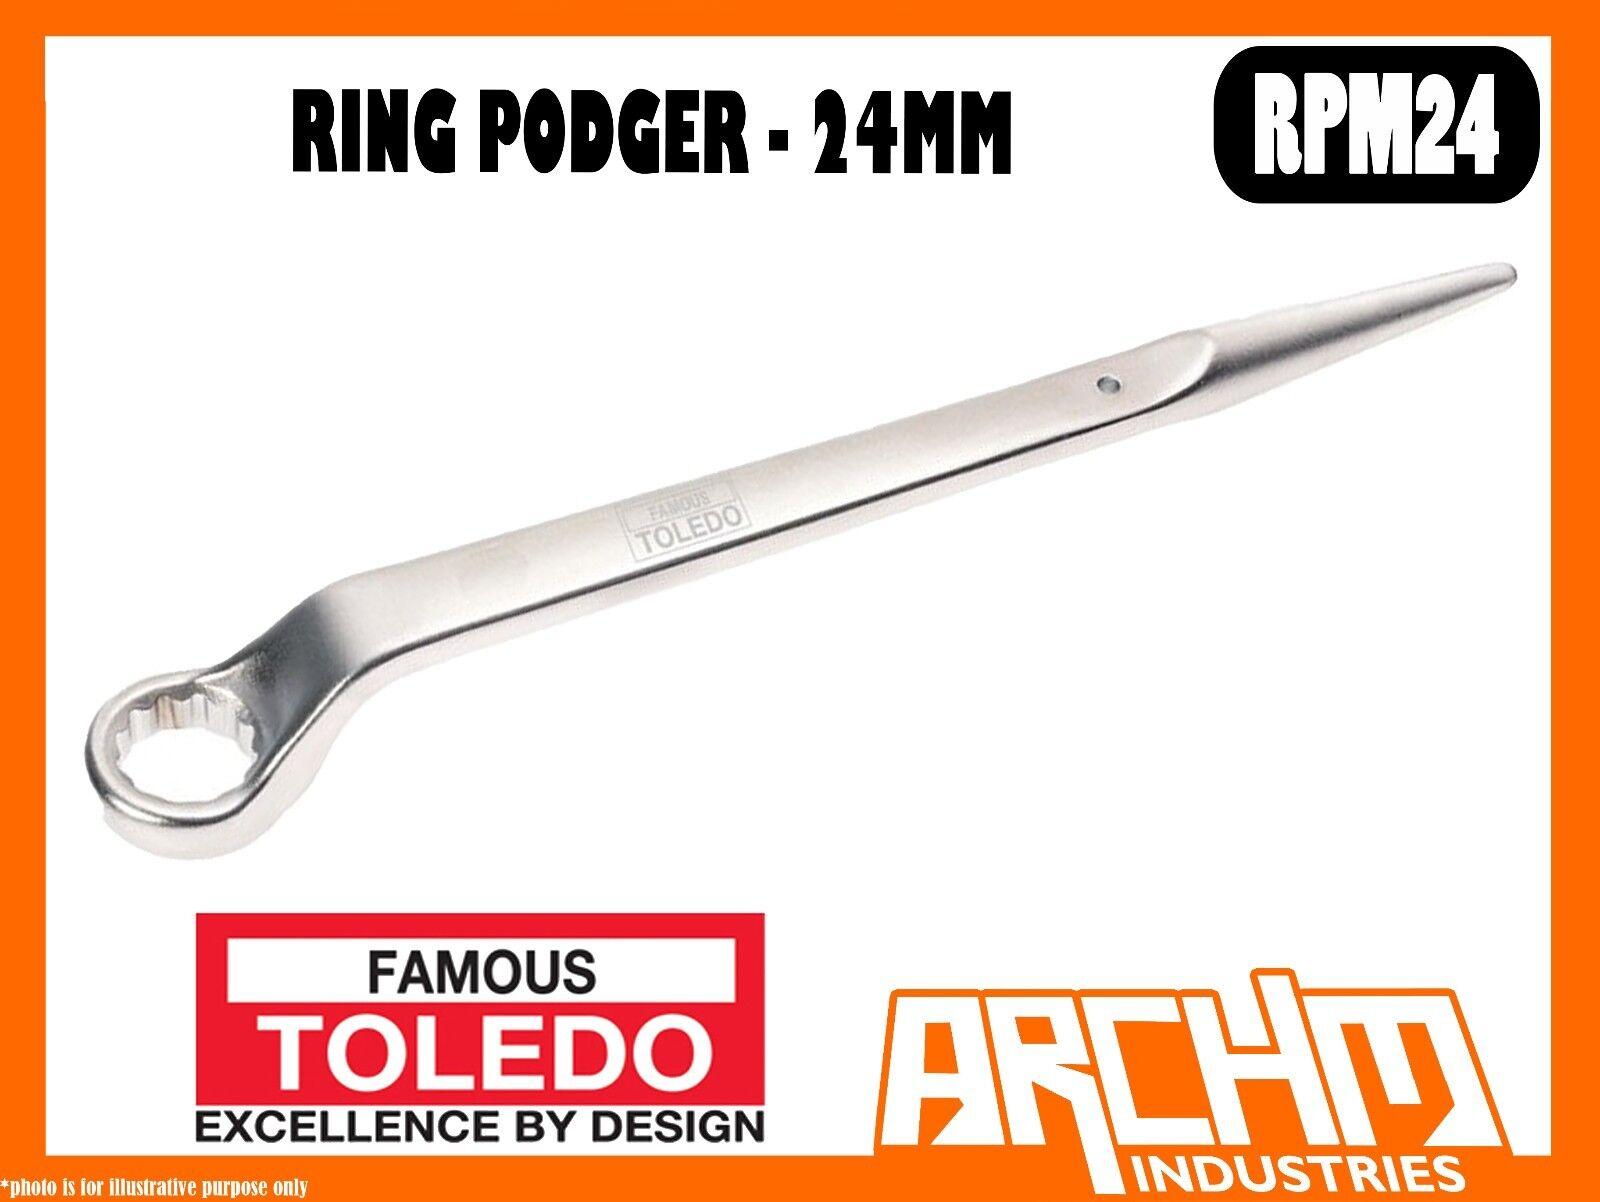 TOLEDO RPM24 - RING PODGER - 24MM - METRIC